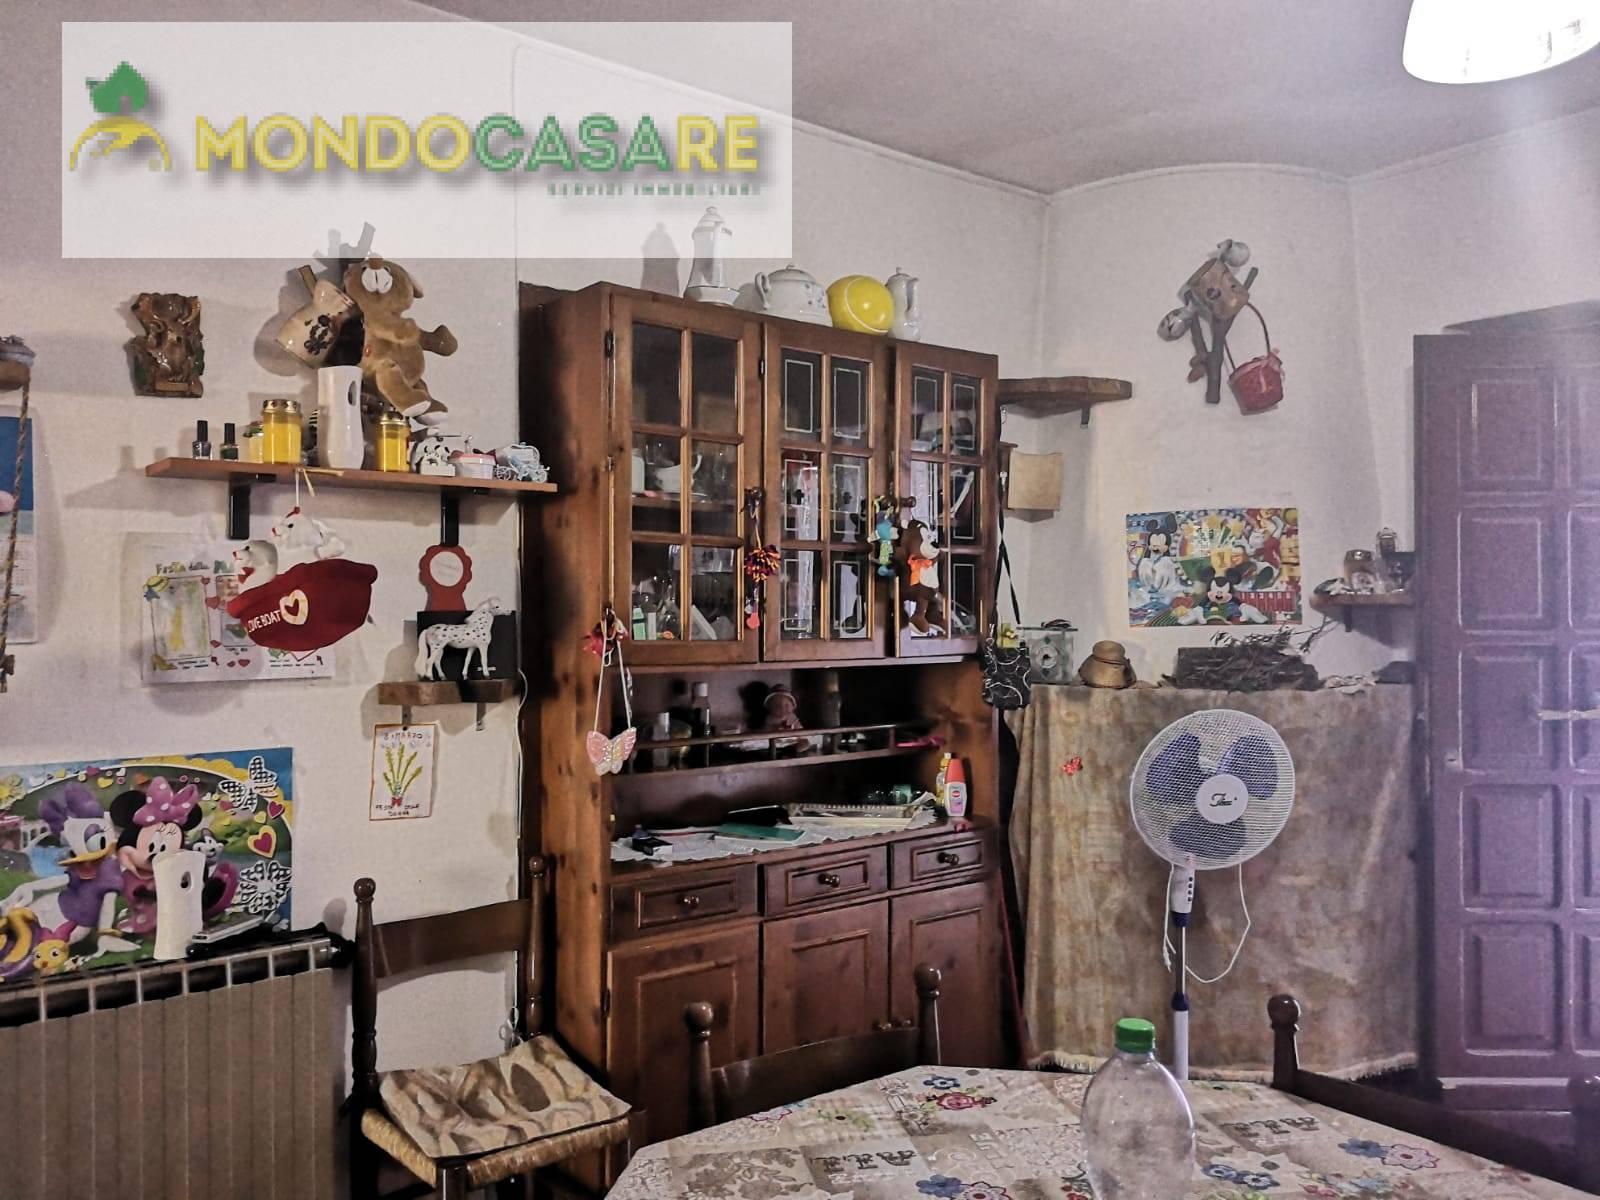 Appartamento in vendita a Palombara Sabina, 3 locali, zona Località: ZonaAPalombaraSabina, prezzo € 50.000 | CambioCasa.it